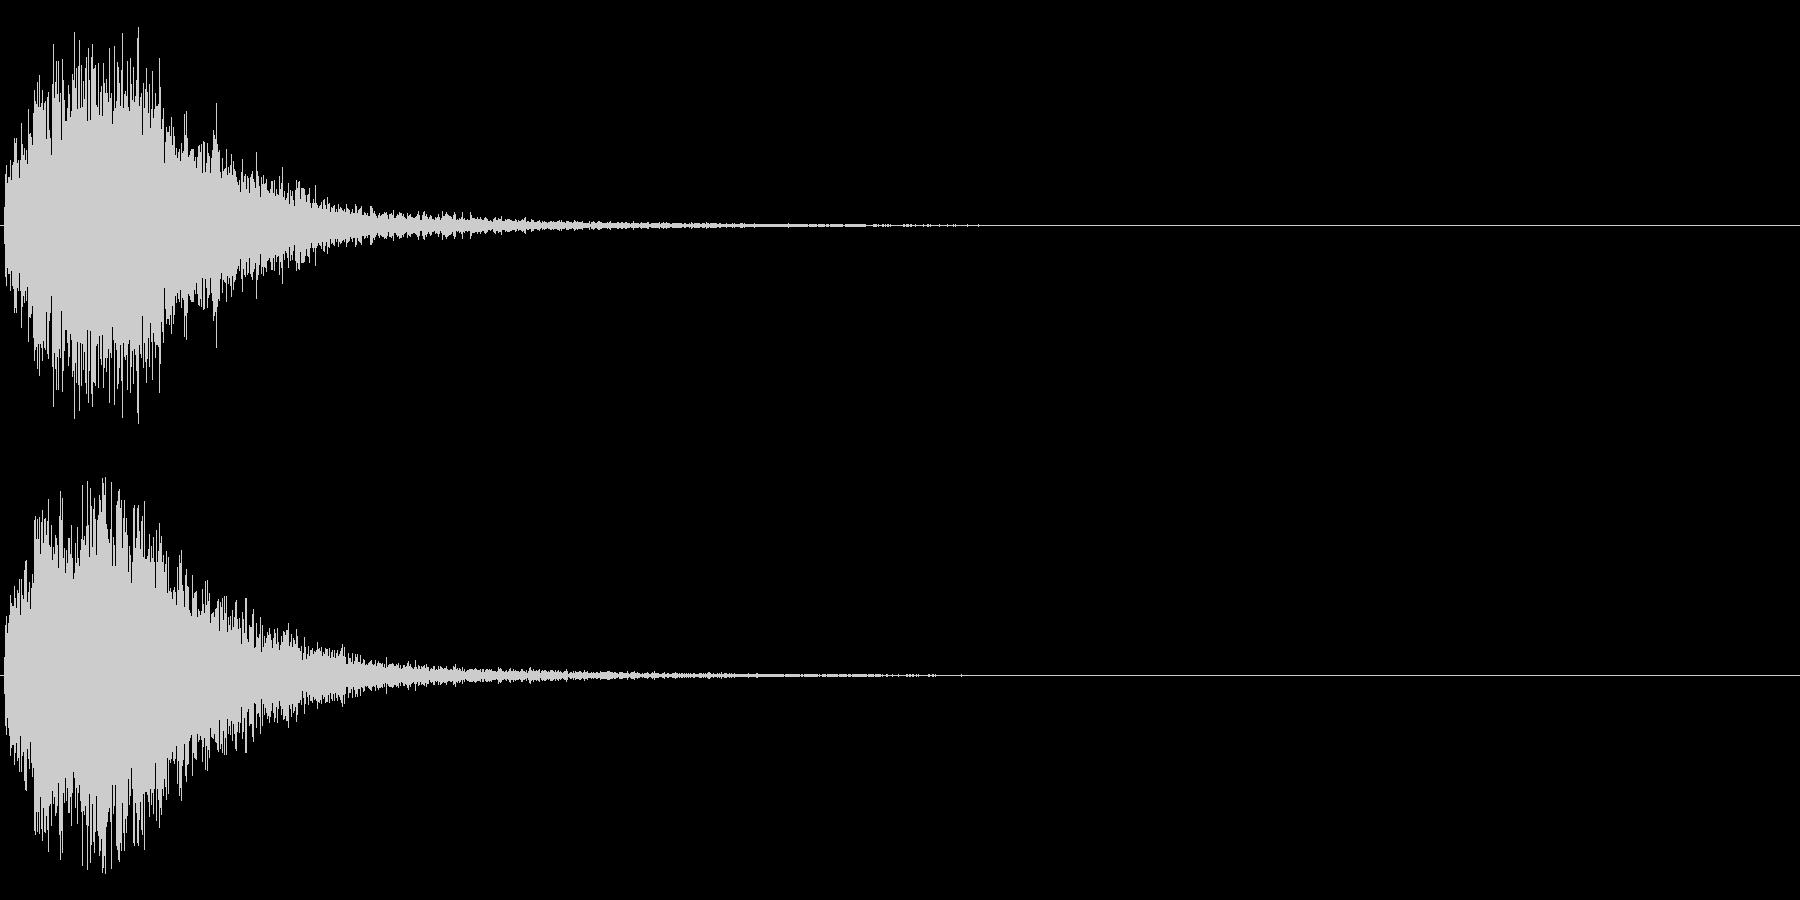 デデーン♪オーケストラヒット効果音01bの未再生の波形